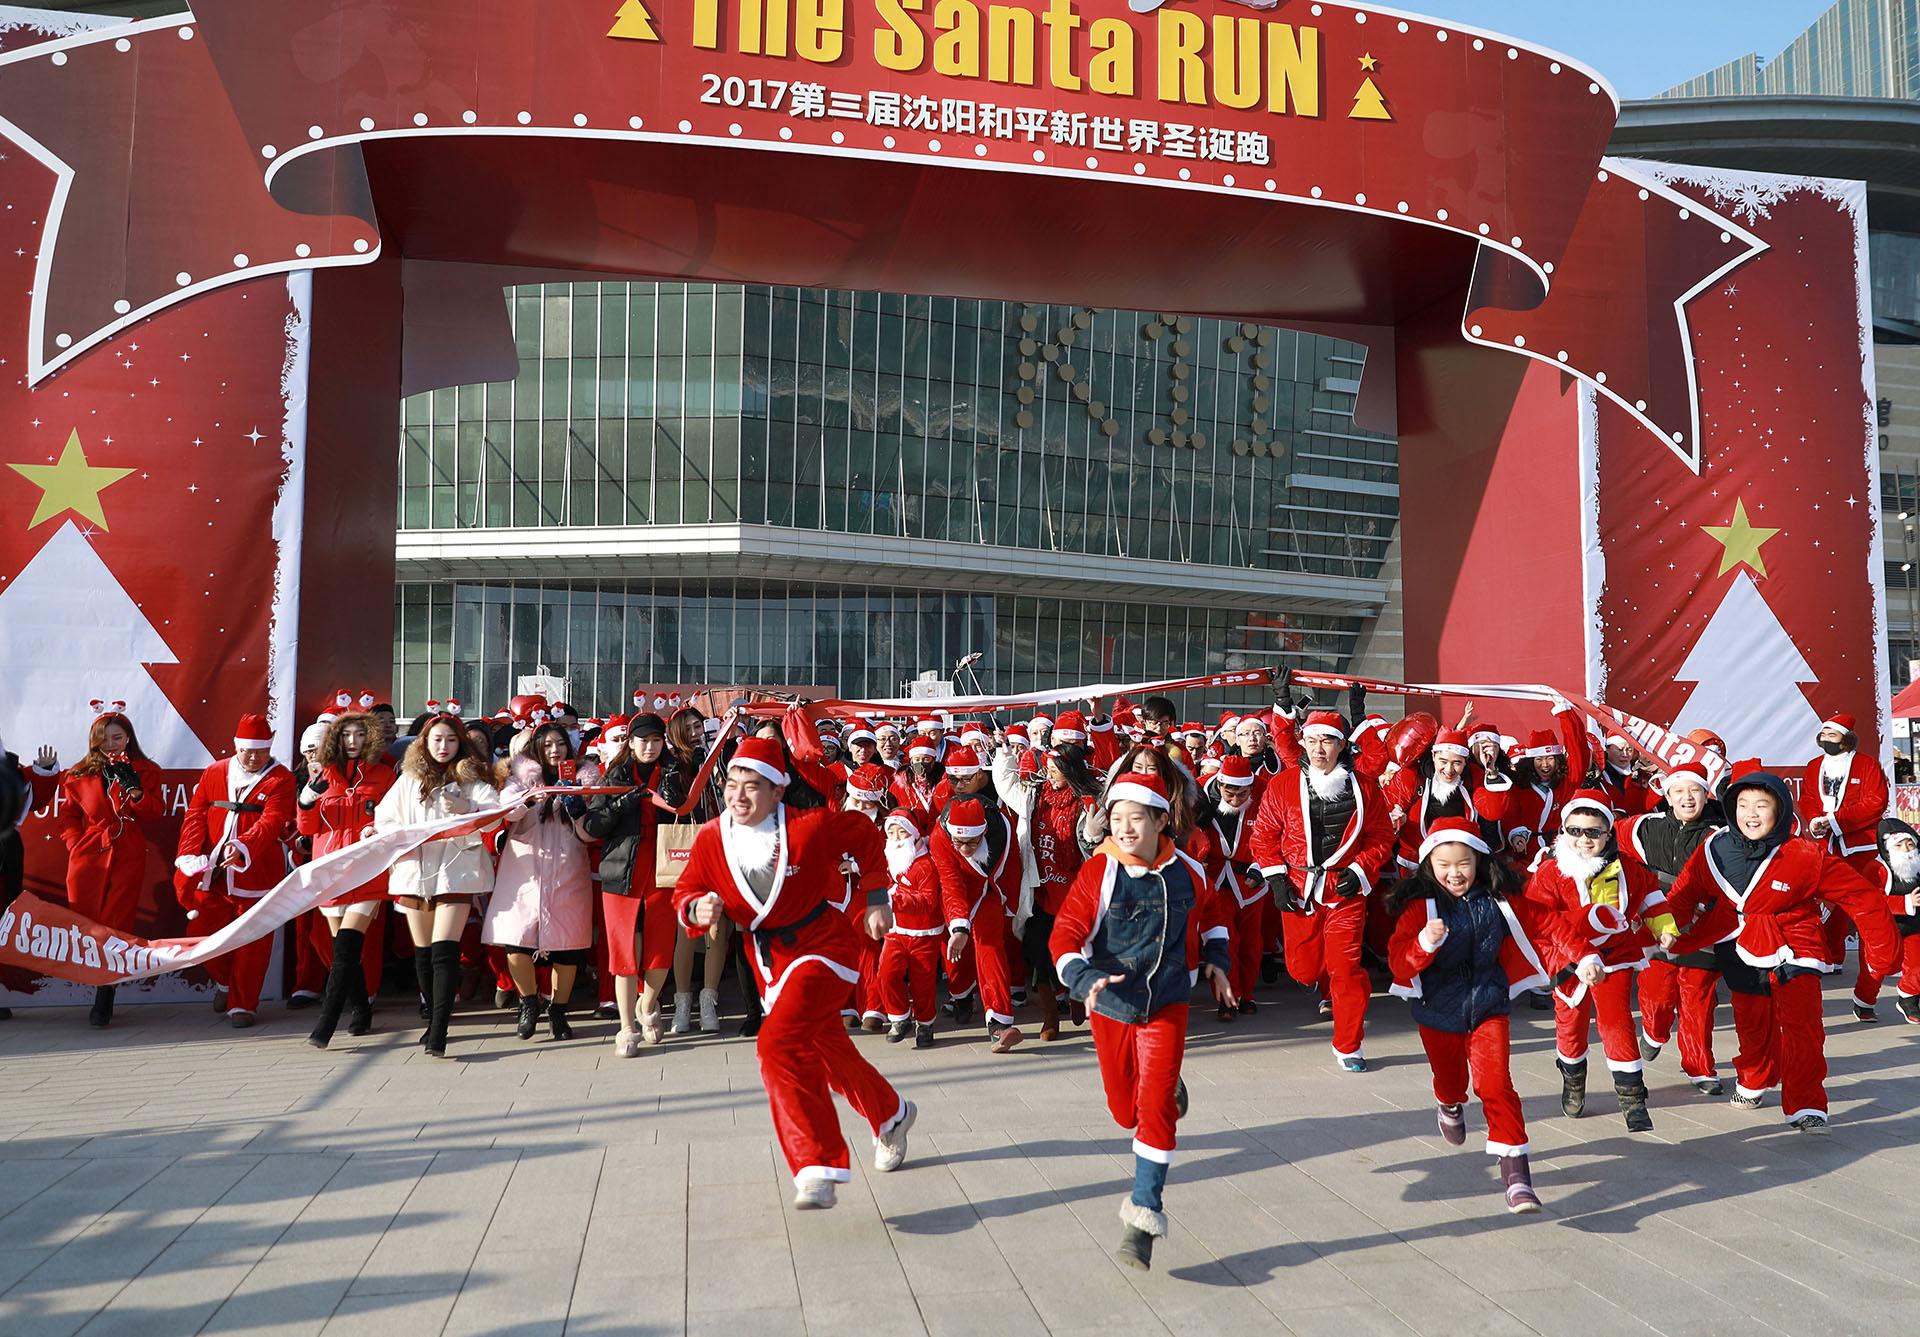 Esta foto tomada el 17 de diciembre de 2017 muestra a personas participando en un evento de Santa Run en Shenyang, en la provincia de Liaoning, al noreste de China. (AFP)